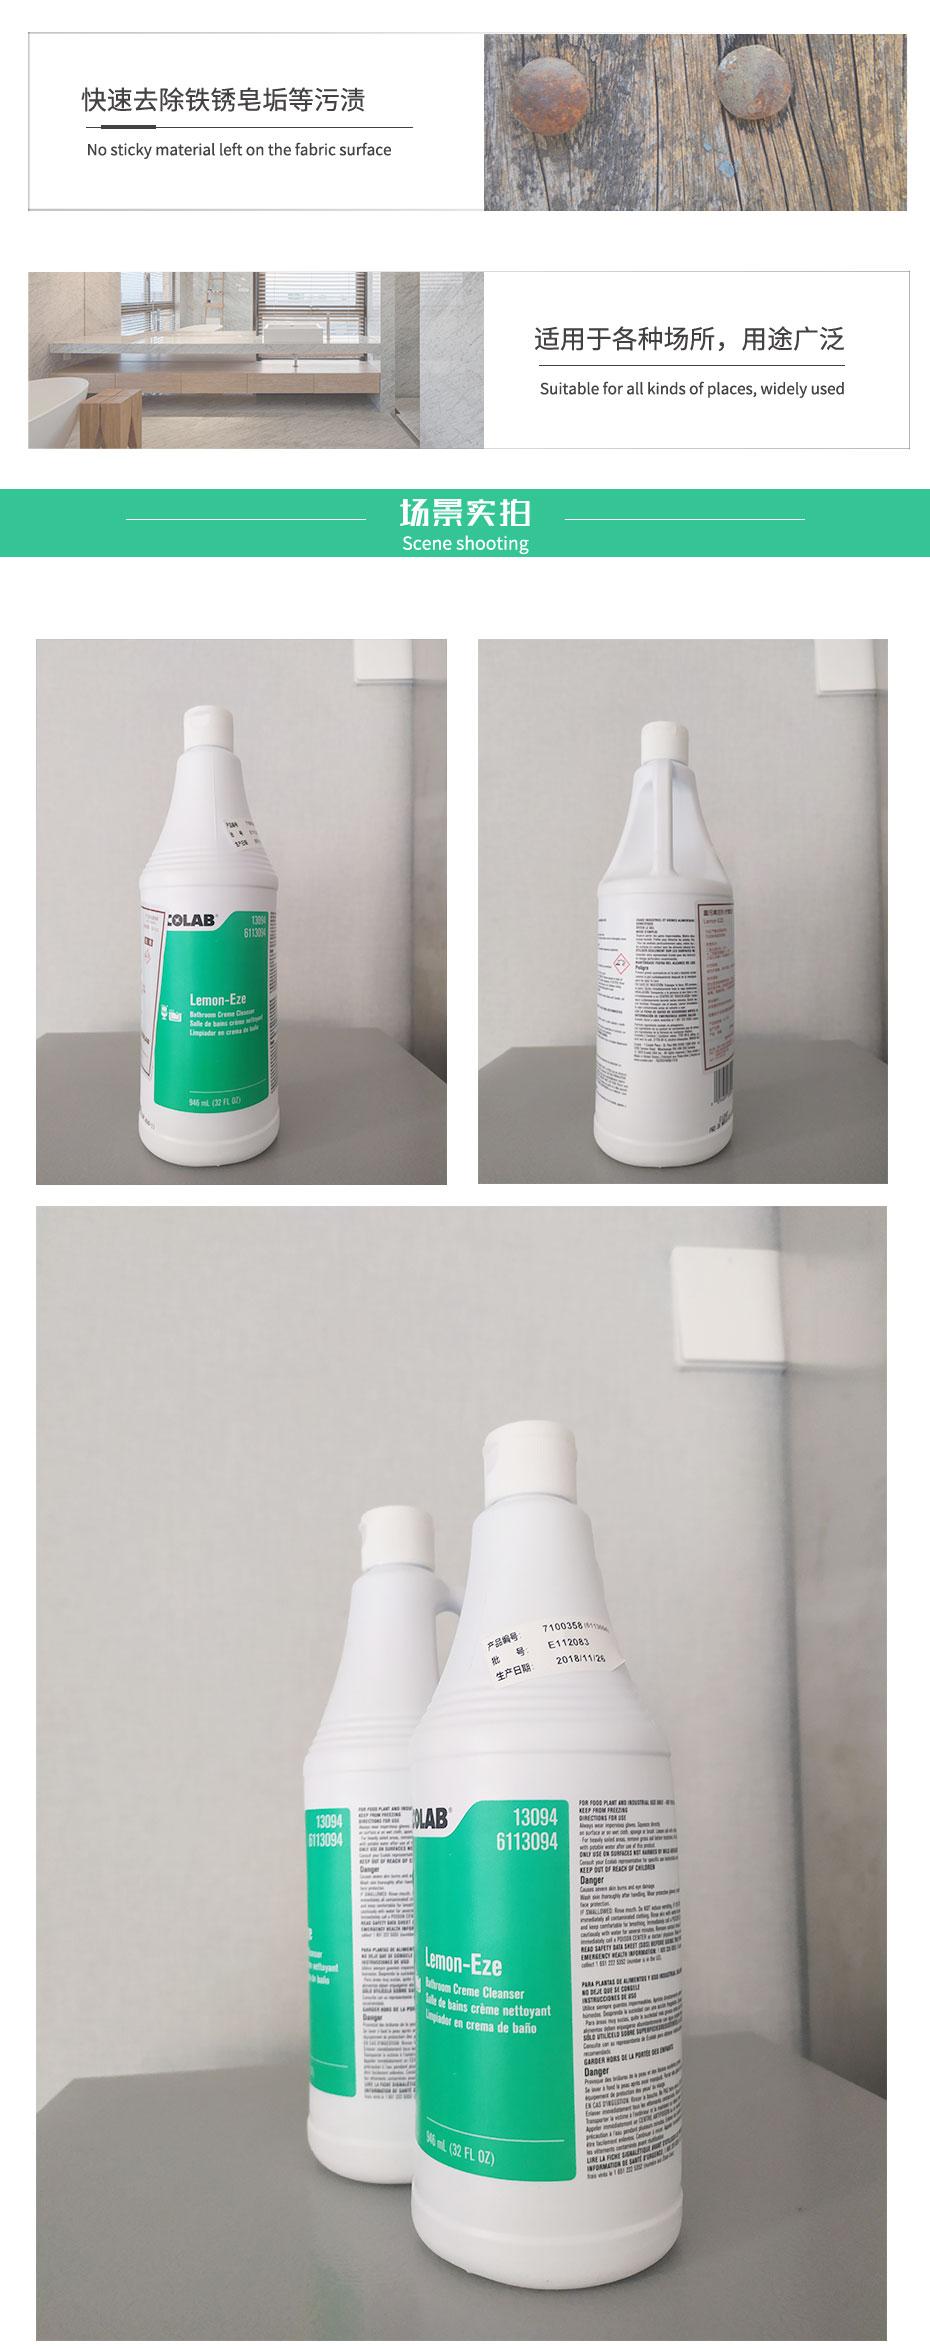 重污清洁剂930_03